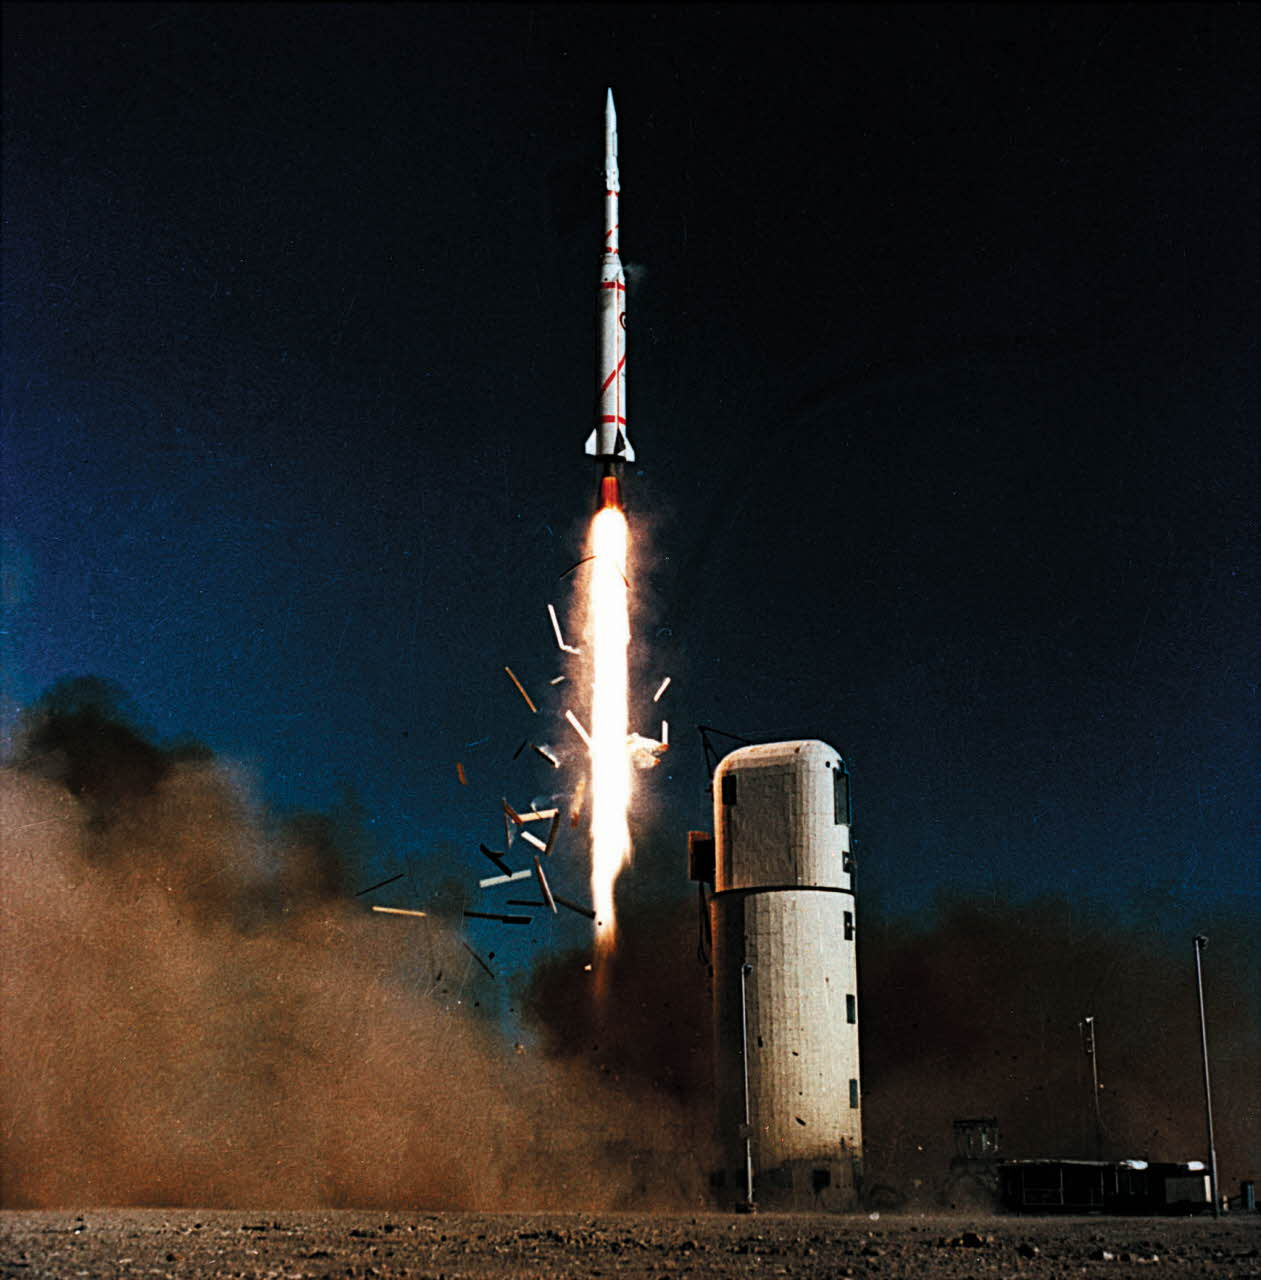 Astérix - A1 - Diamant - Hammaguir - 26 novembre 1965 - lancement - France - Troisième puissance spatiale - Pierre Quétard - Aubinière - Matra - CNES